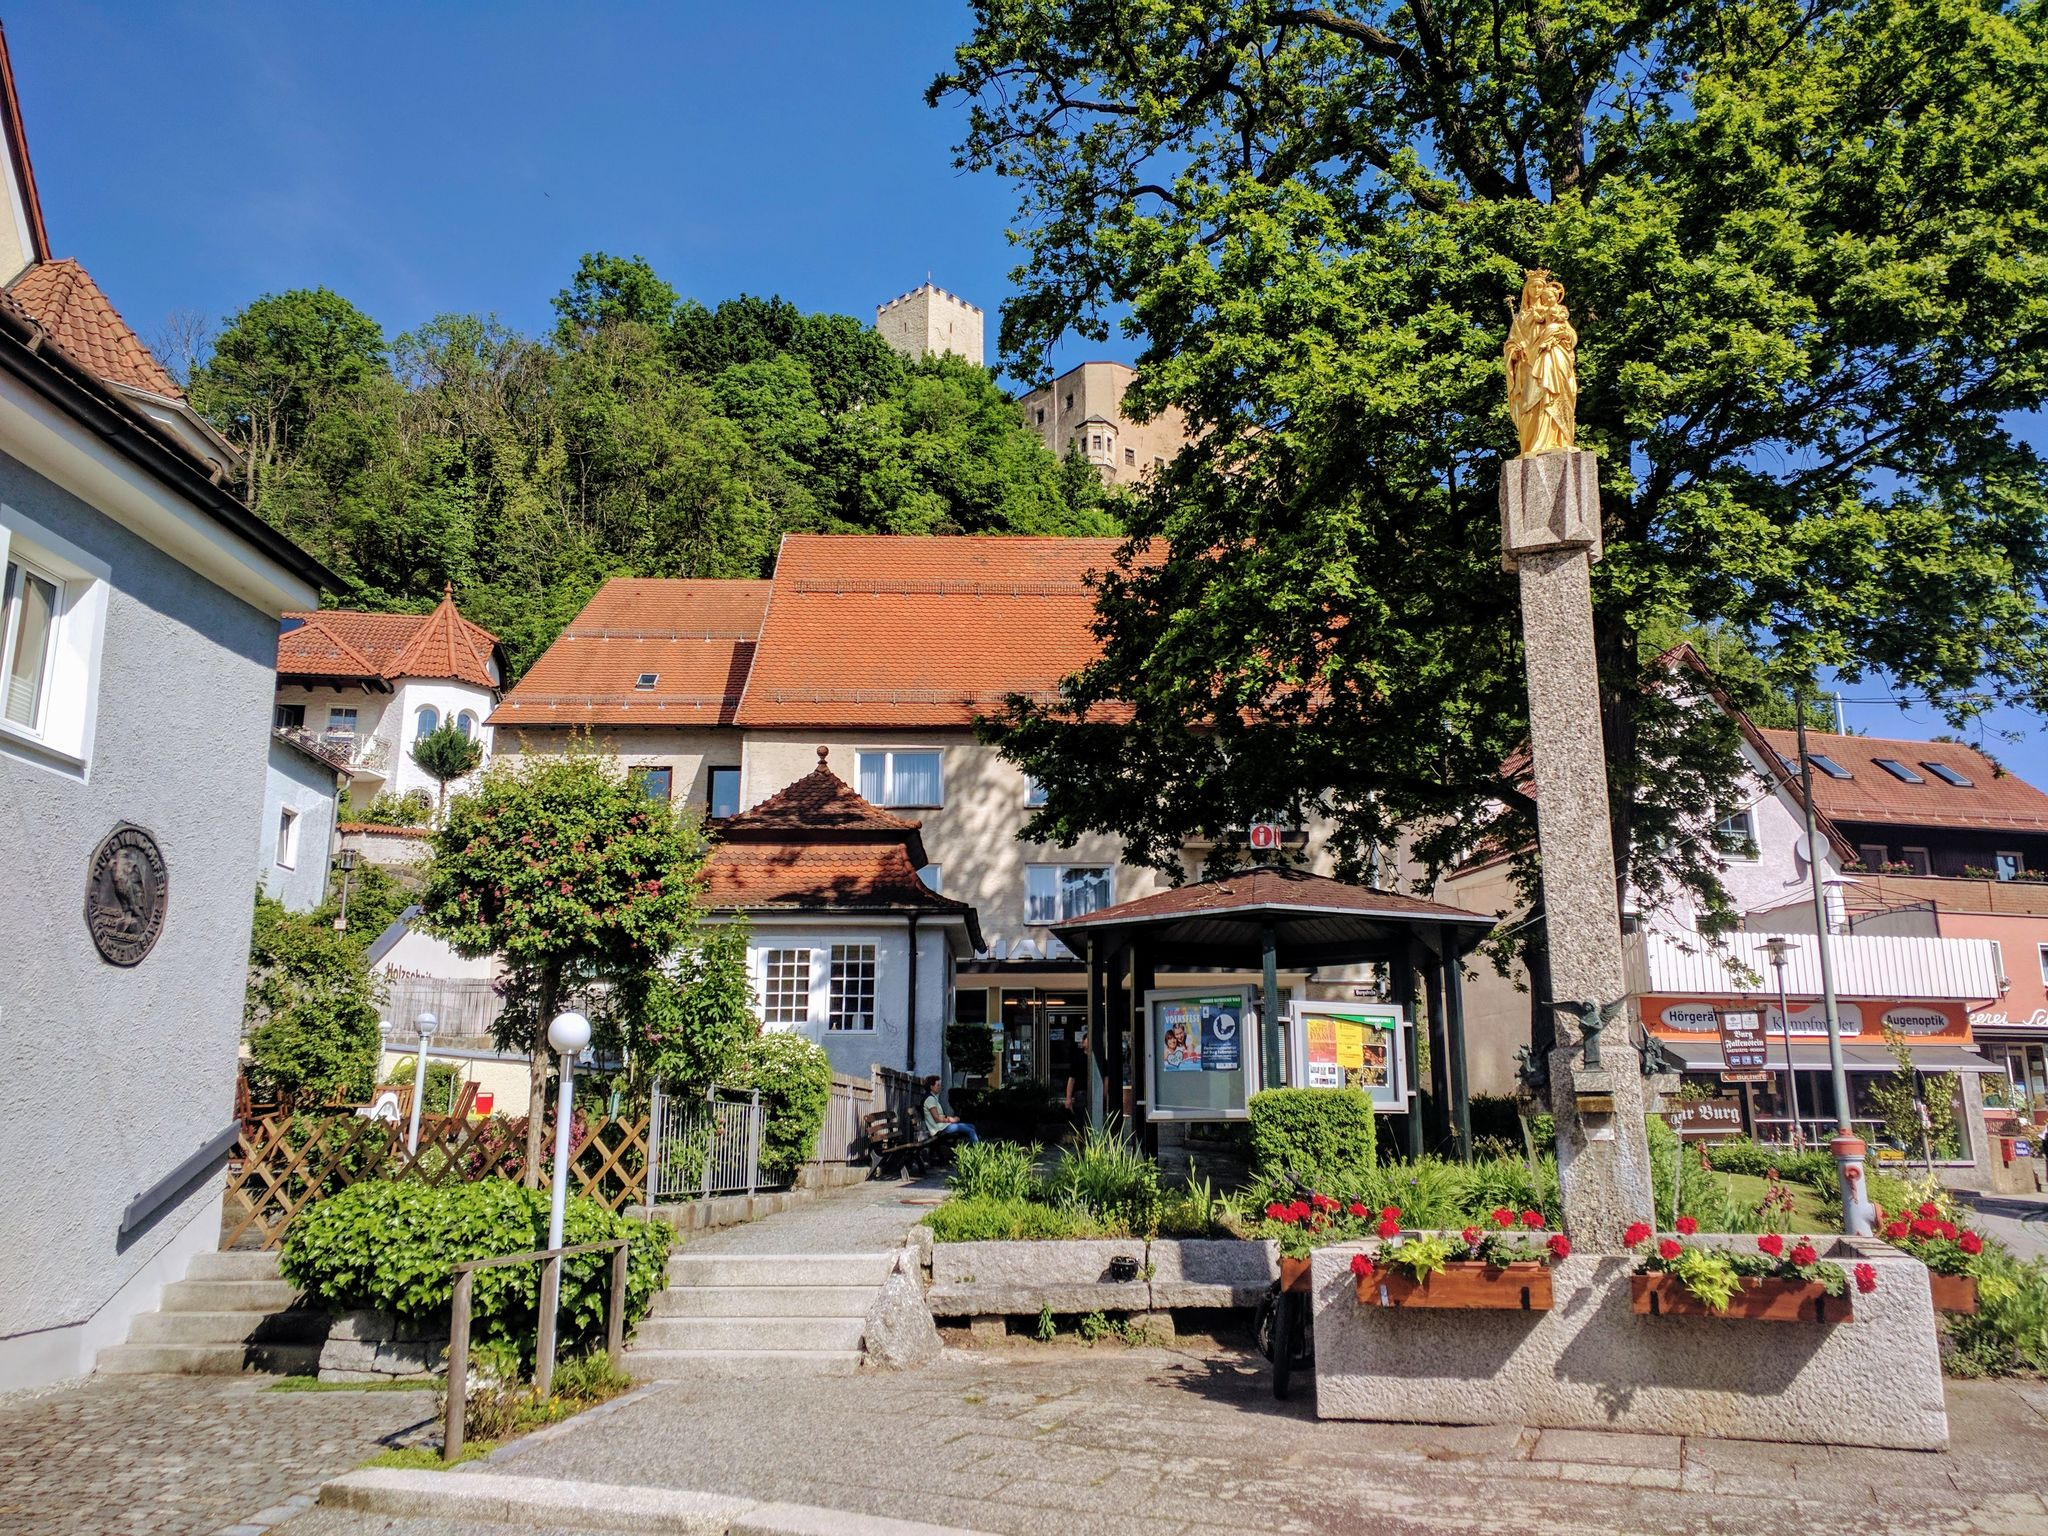 Markplatz in Falkenstein mit der Burg im Hintergrund